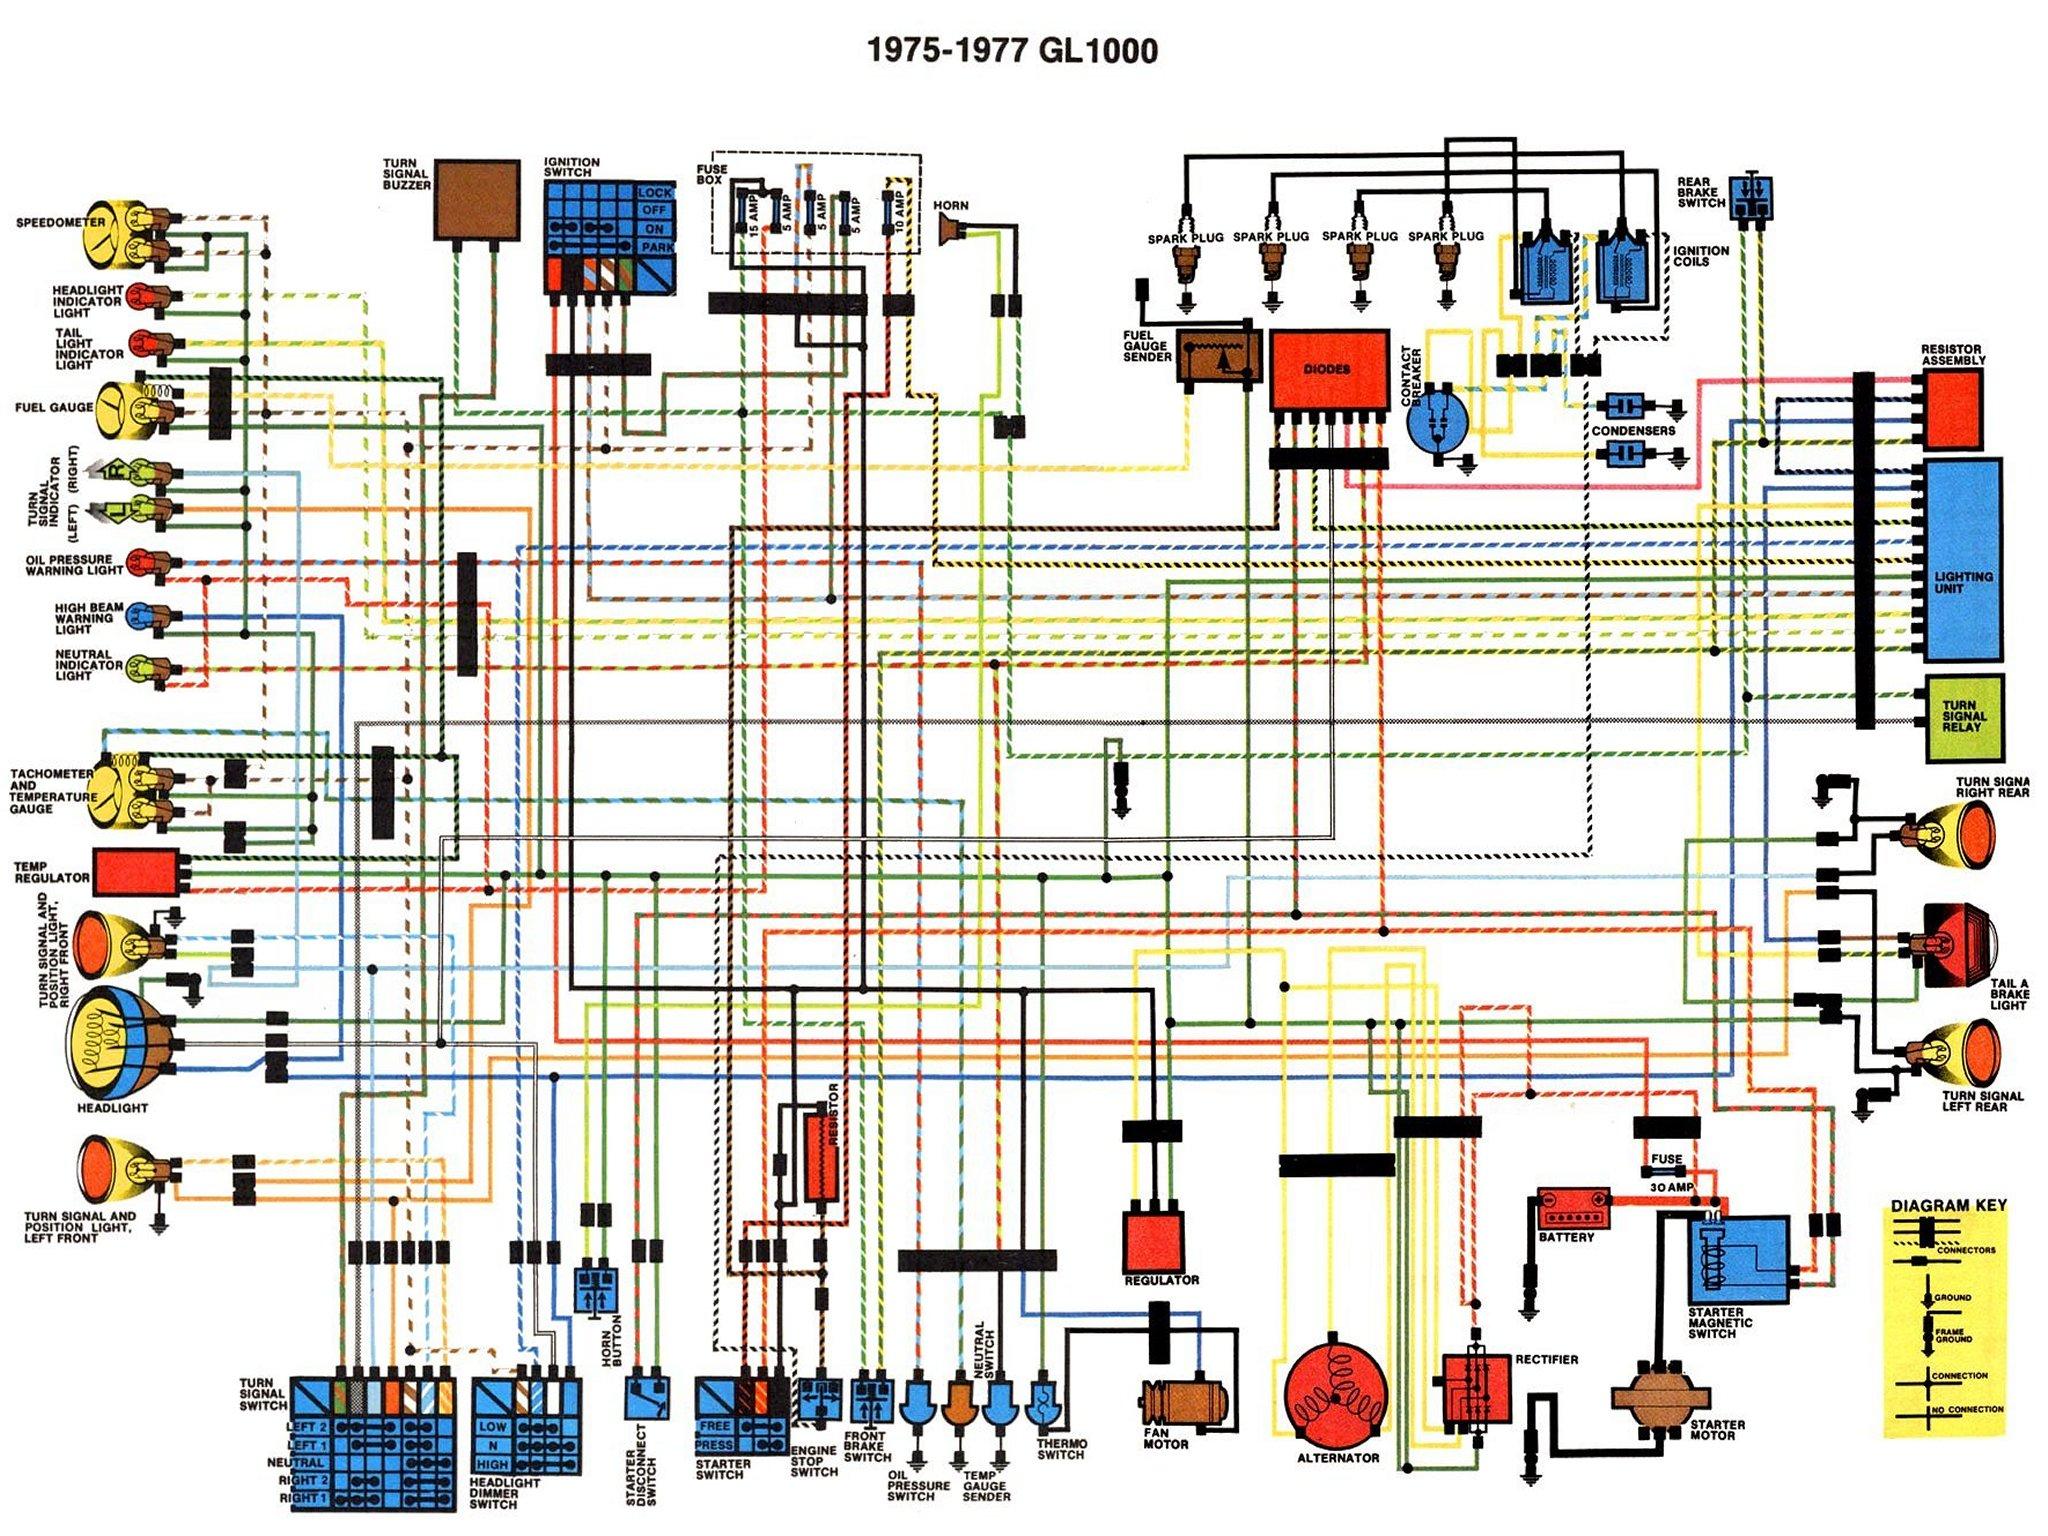 Wiring diagram honda st1100 honda sl70 motorcycle wiring diagram honda st1100 wiring diagram asfbconference2016 Choice Image